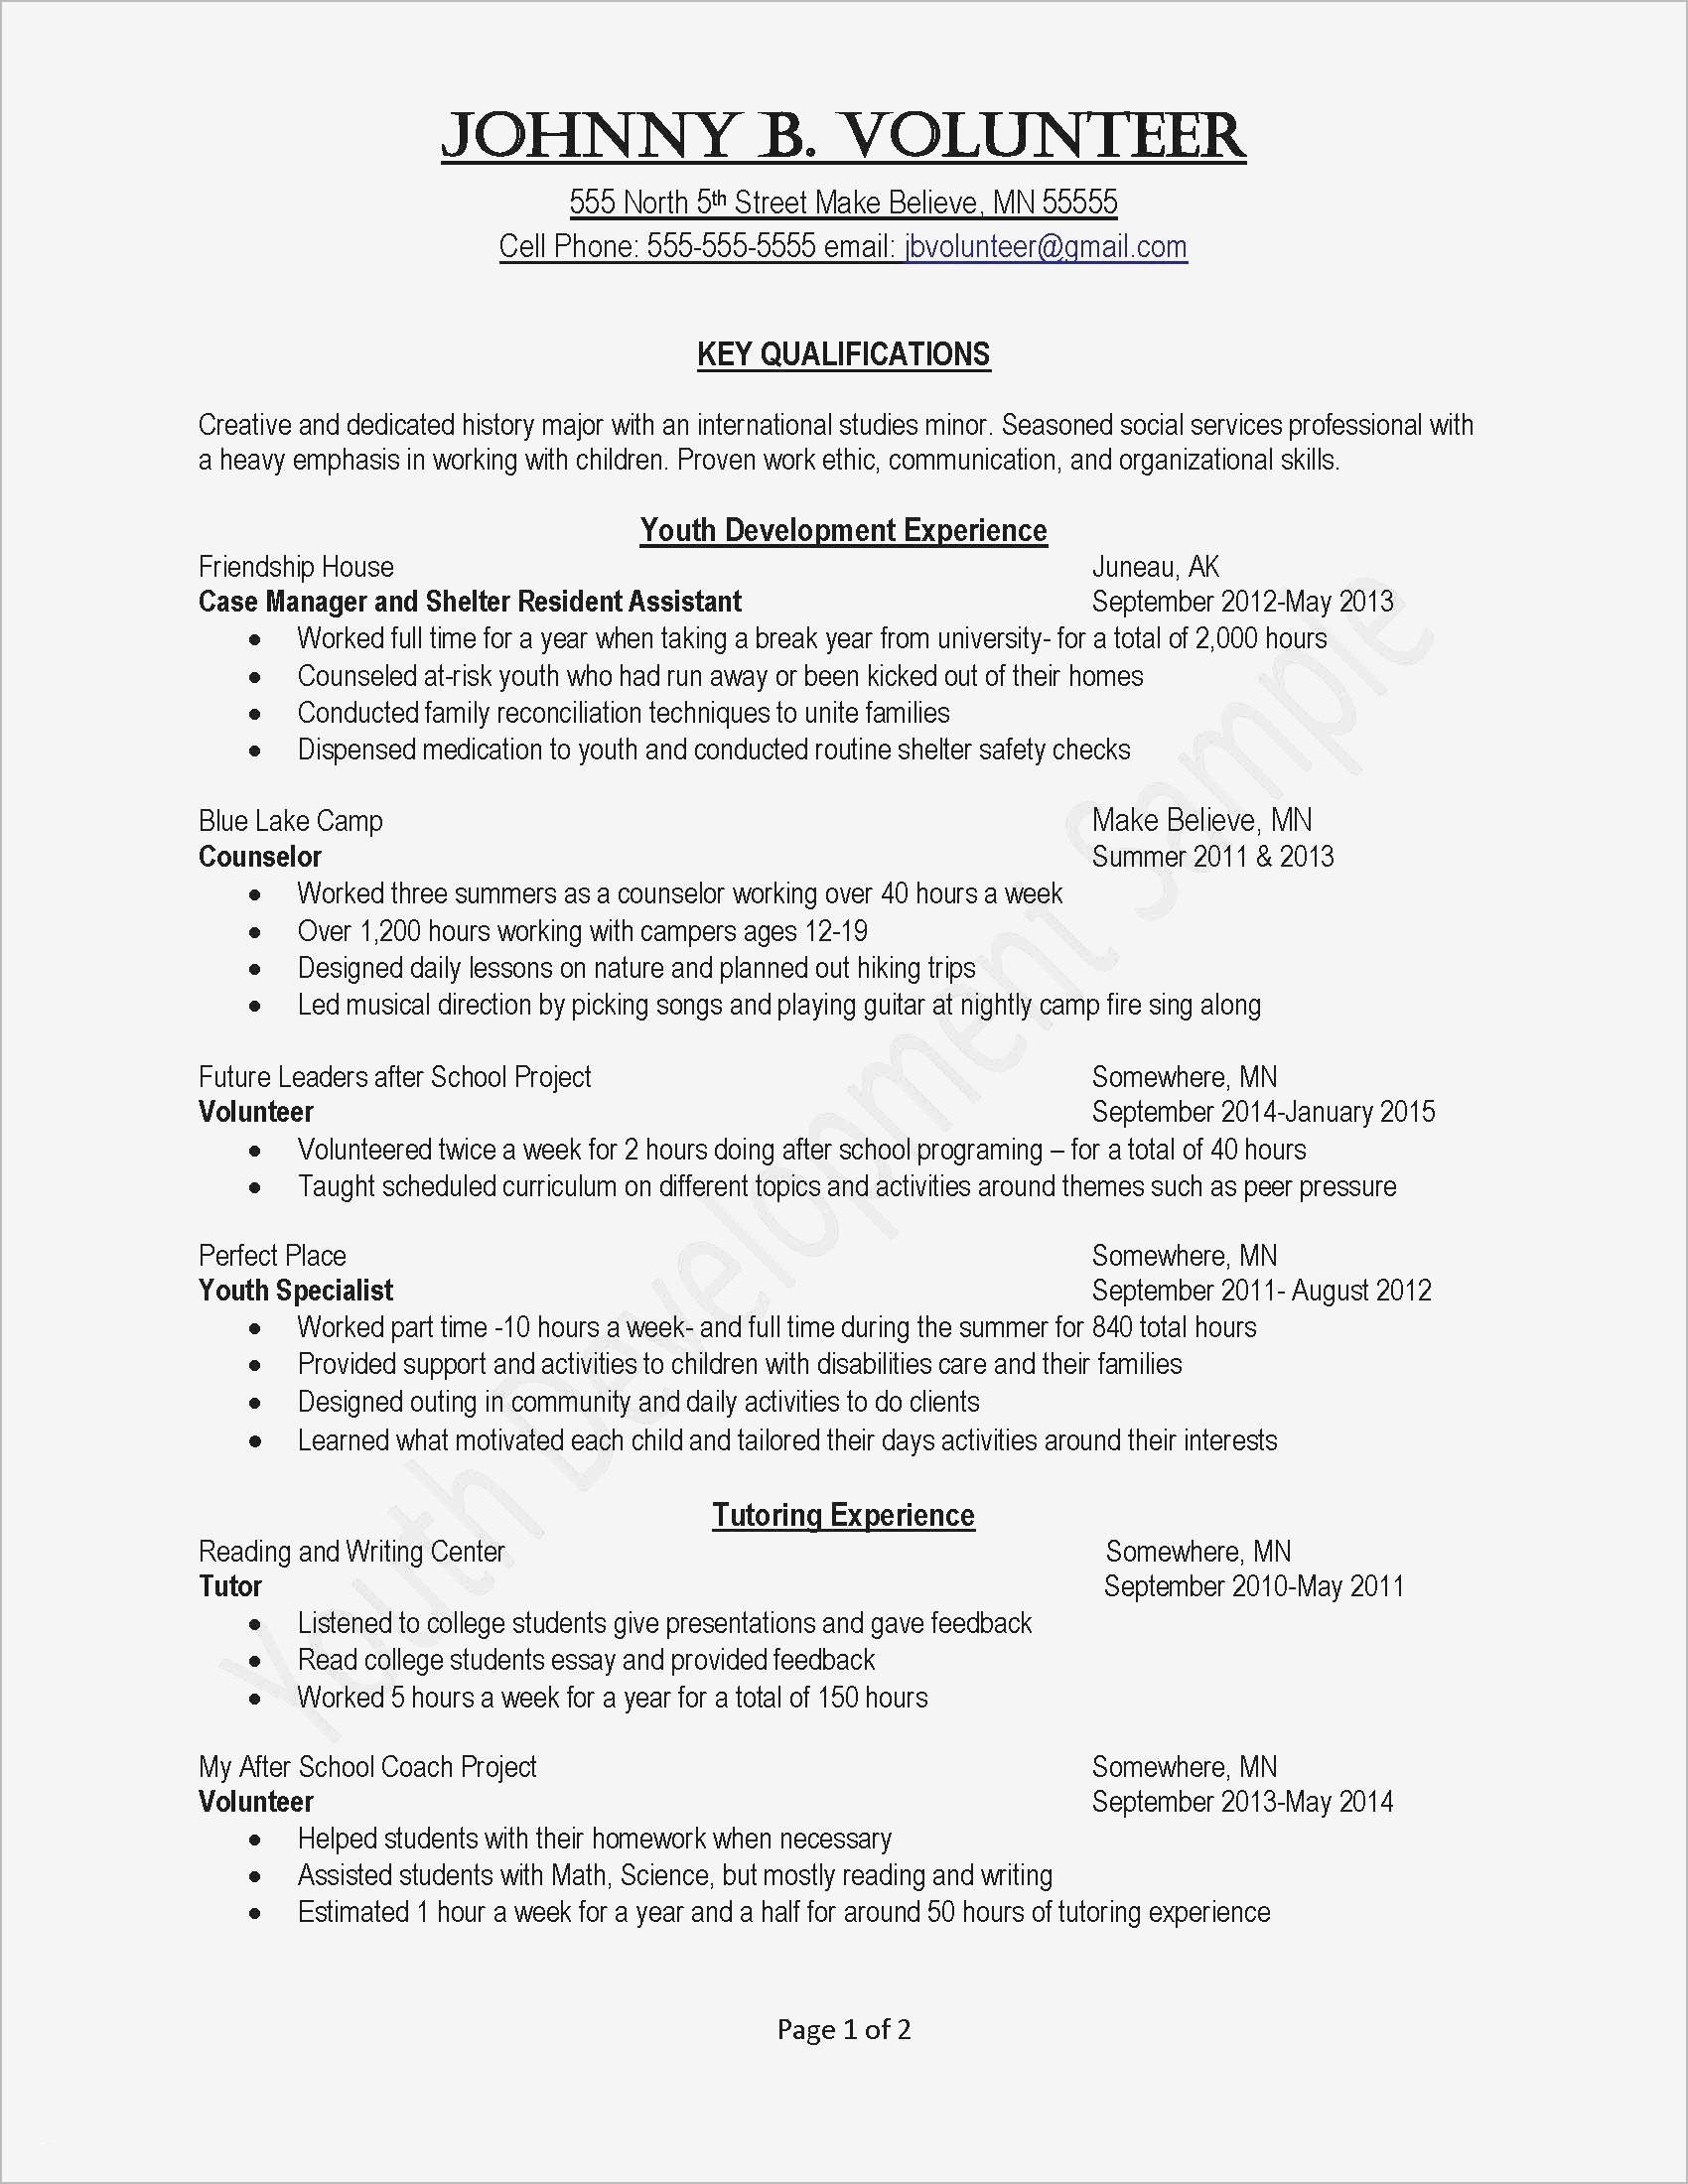 Free Template Cover Letter for Job Application - Free Template for Resume Cover Letter Elegant Job Fer Letter